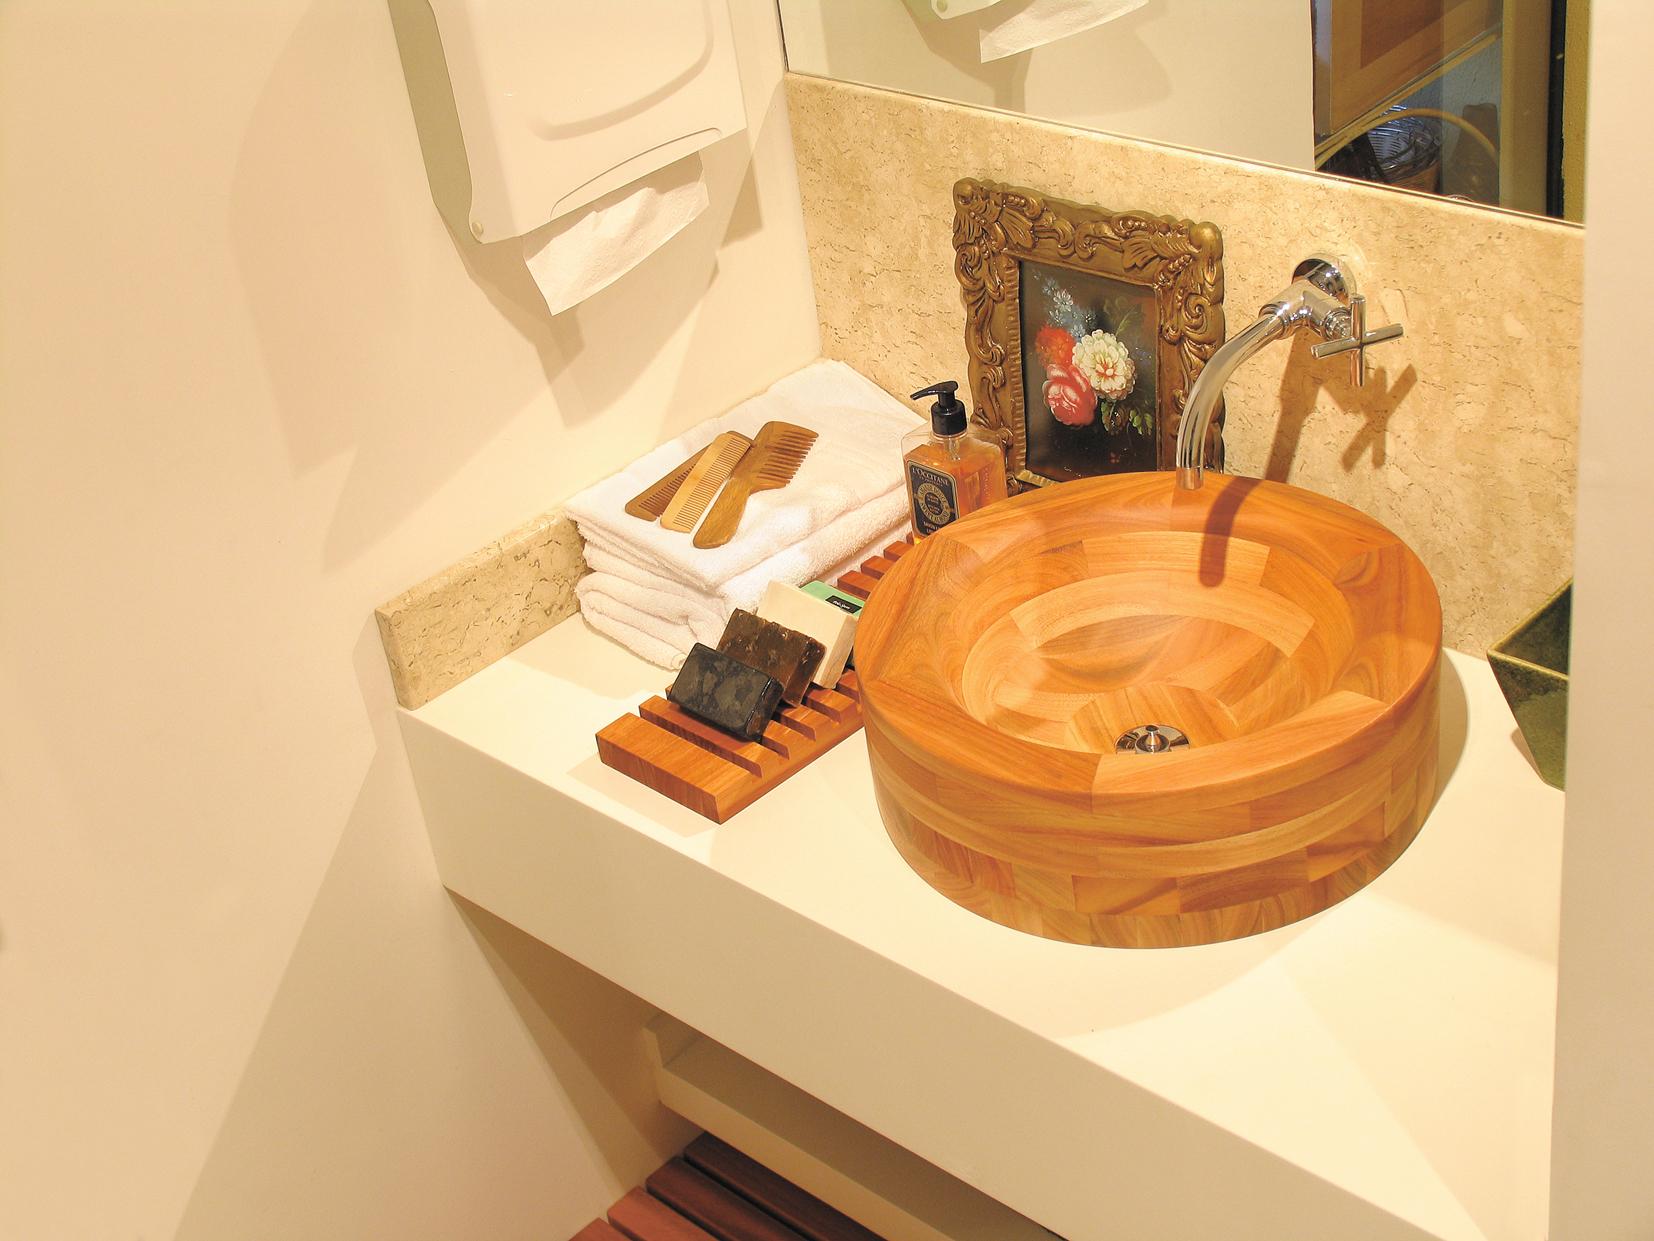 Cubas e vasos sanitários, você sabe escolher?  Giacomelli Blog  Imobiliária -> Decoracao De Banheiro Com Vaso Sanitario Preto